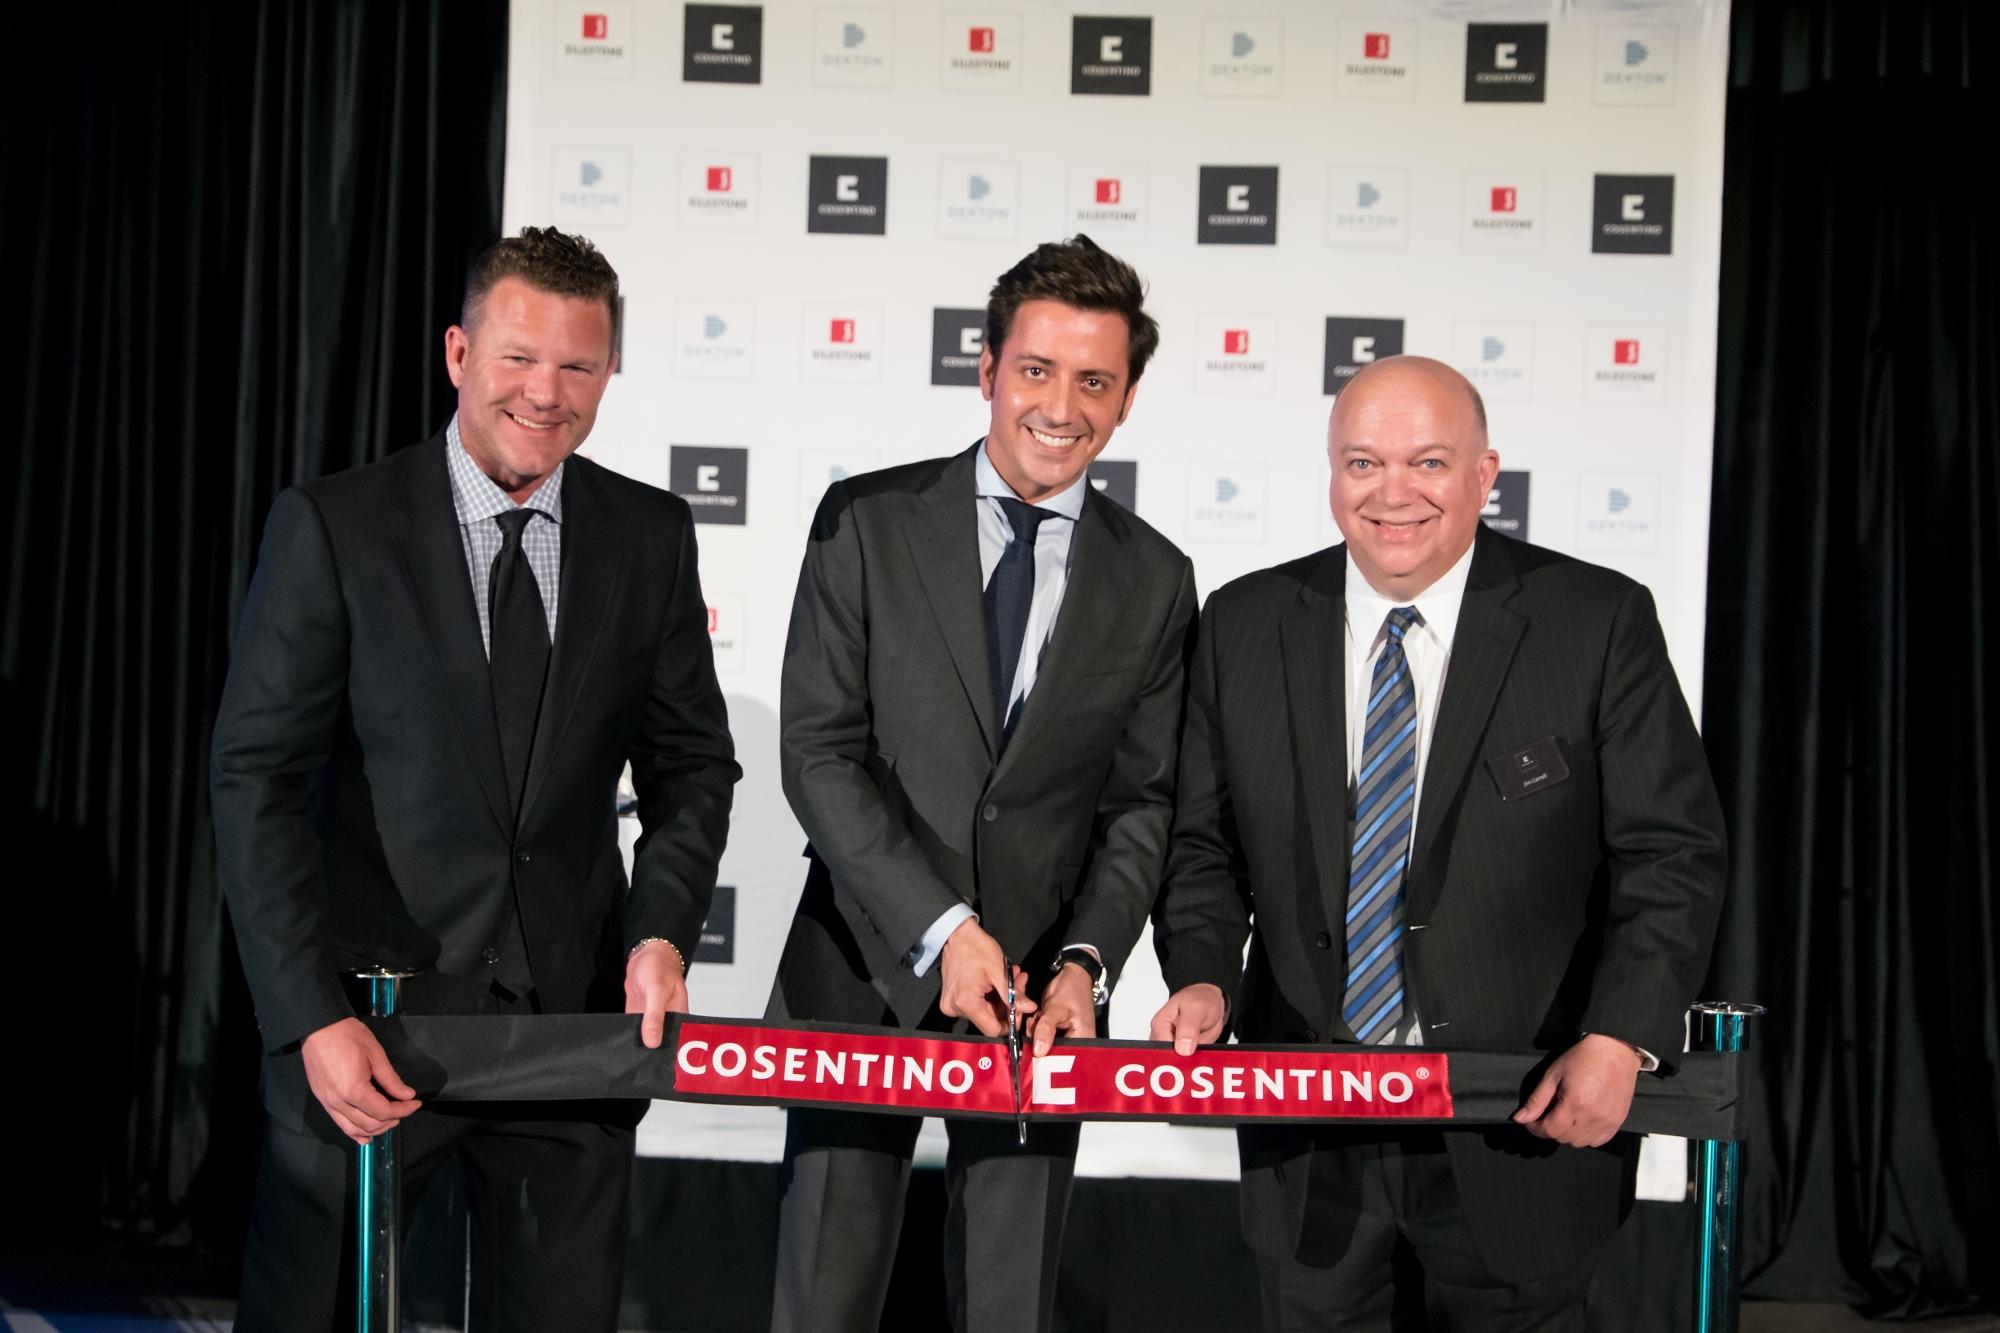 Cosentino Grand Opening